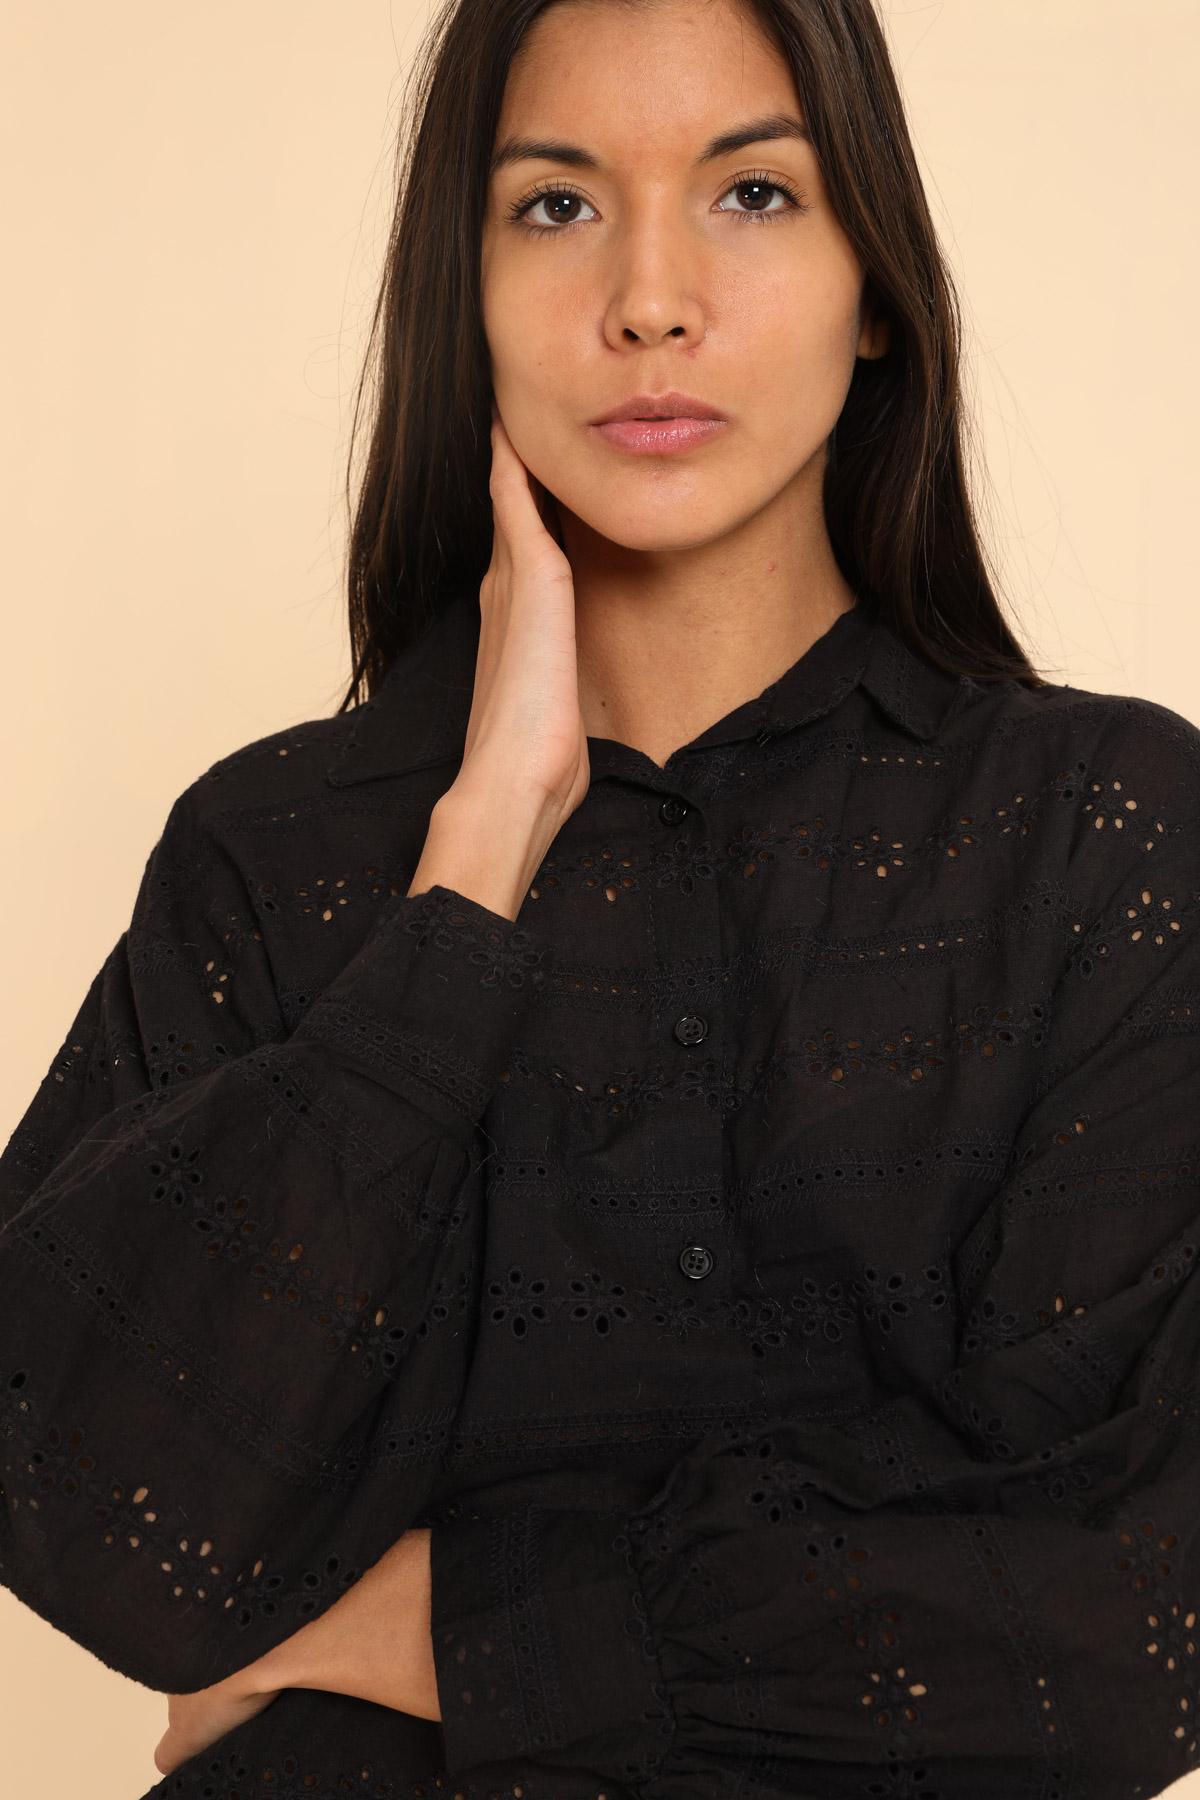 Chemises Femme Noir Kaycee 8301 #c eFashion Paris